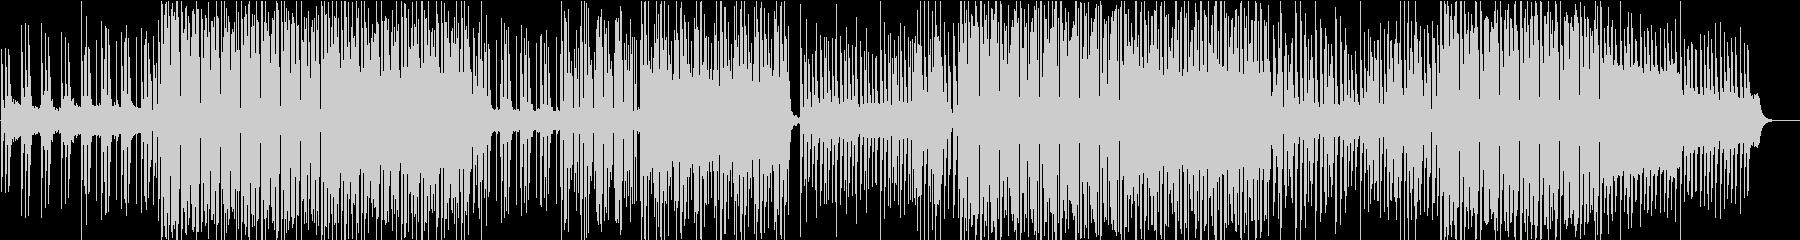 夏に合うダンスチューン/トロピカルハウスの未再生の波形